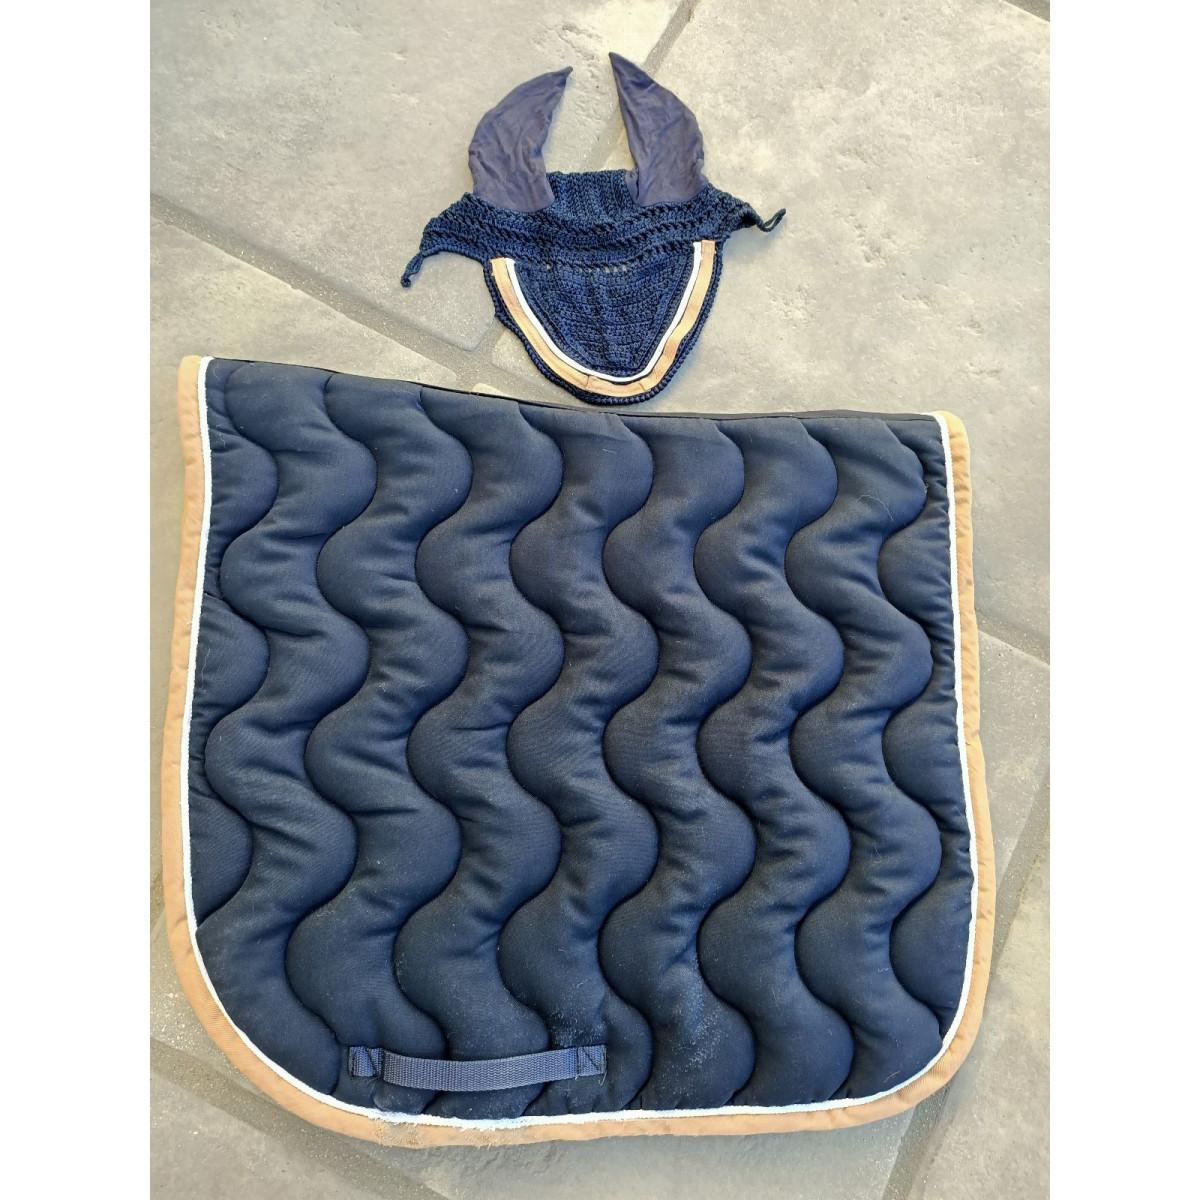 ensemble bonnet et tapis paddock sport dressage cheval